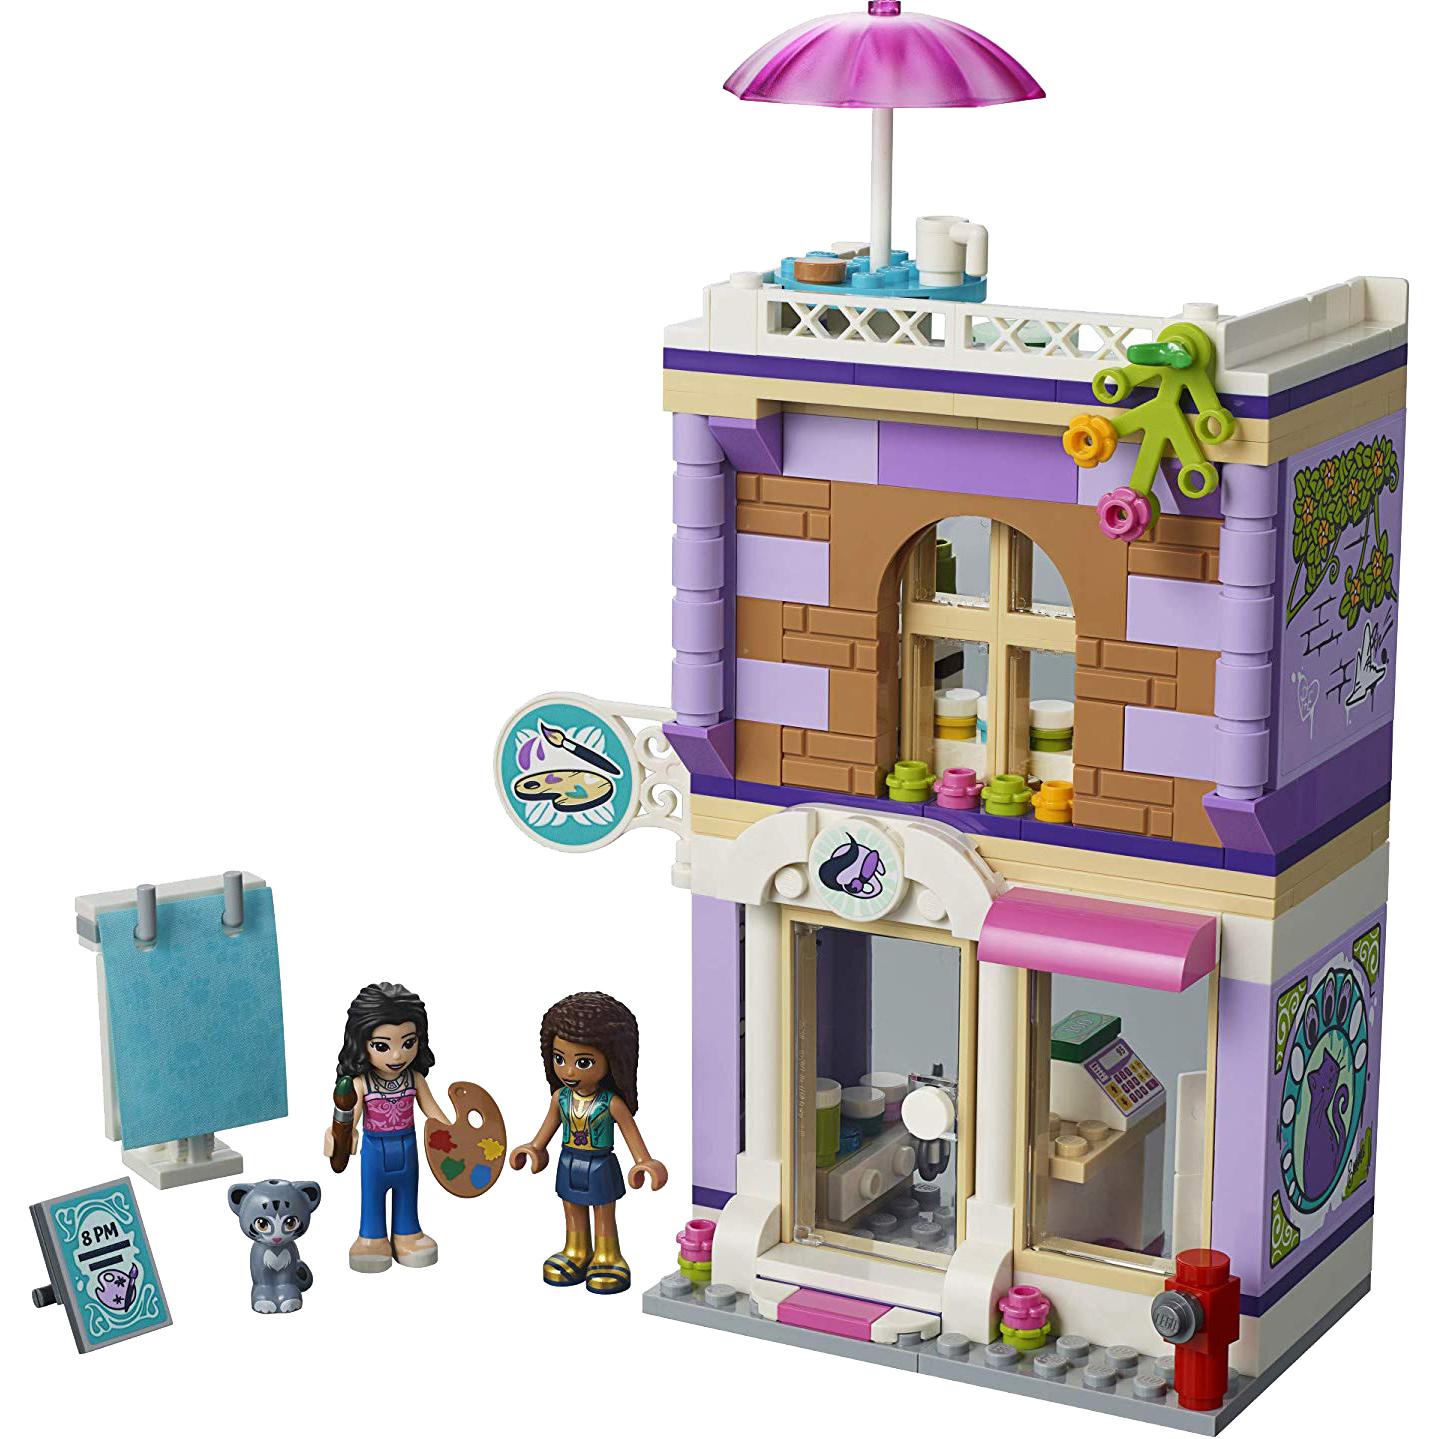 Купить Конструктор Lego Friends Художественная студия Эммы 41365, пластик, для девочек, Конструкторы, пазлы